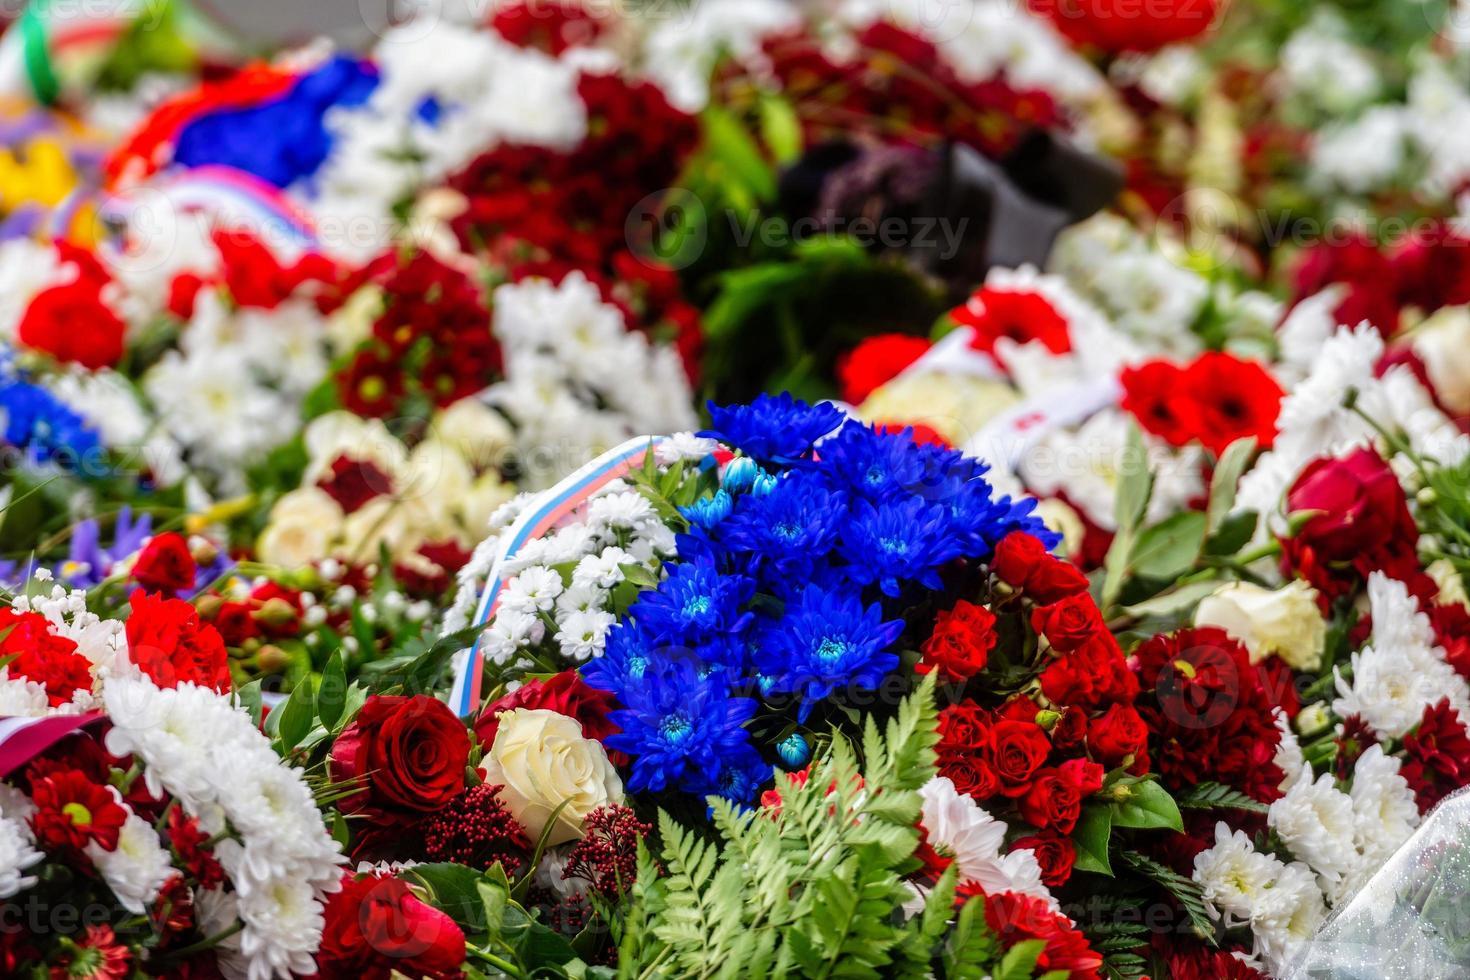 bouquet de fleurs avec ruban du drapeau de la russie. fête nationale de la fédération de russie - image photo